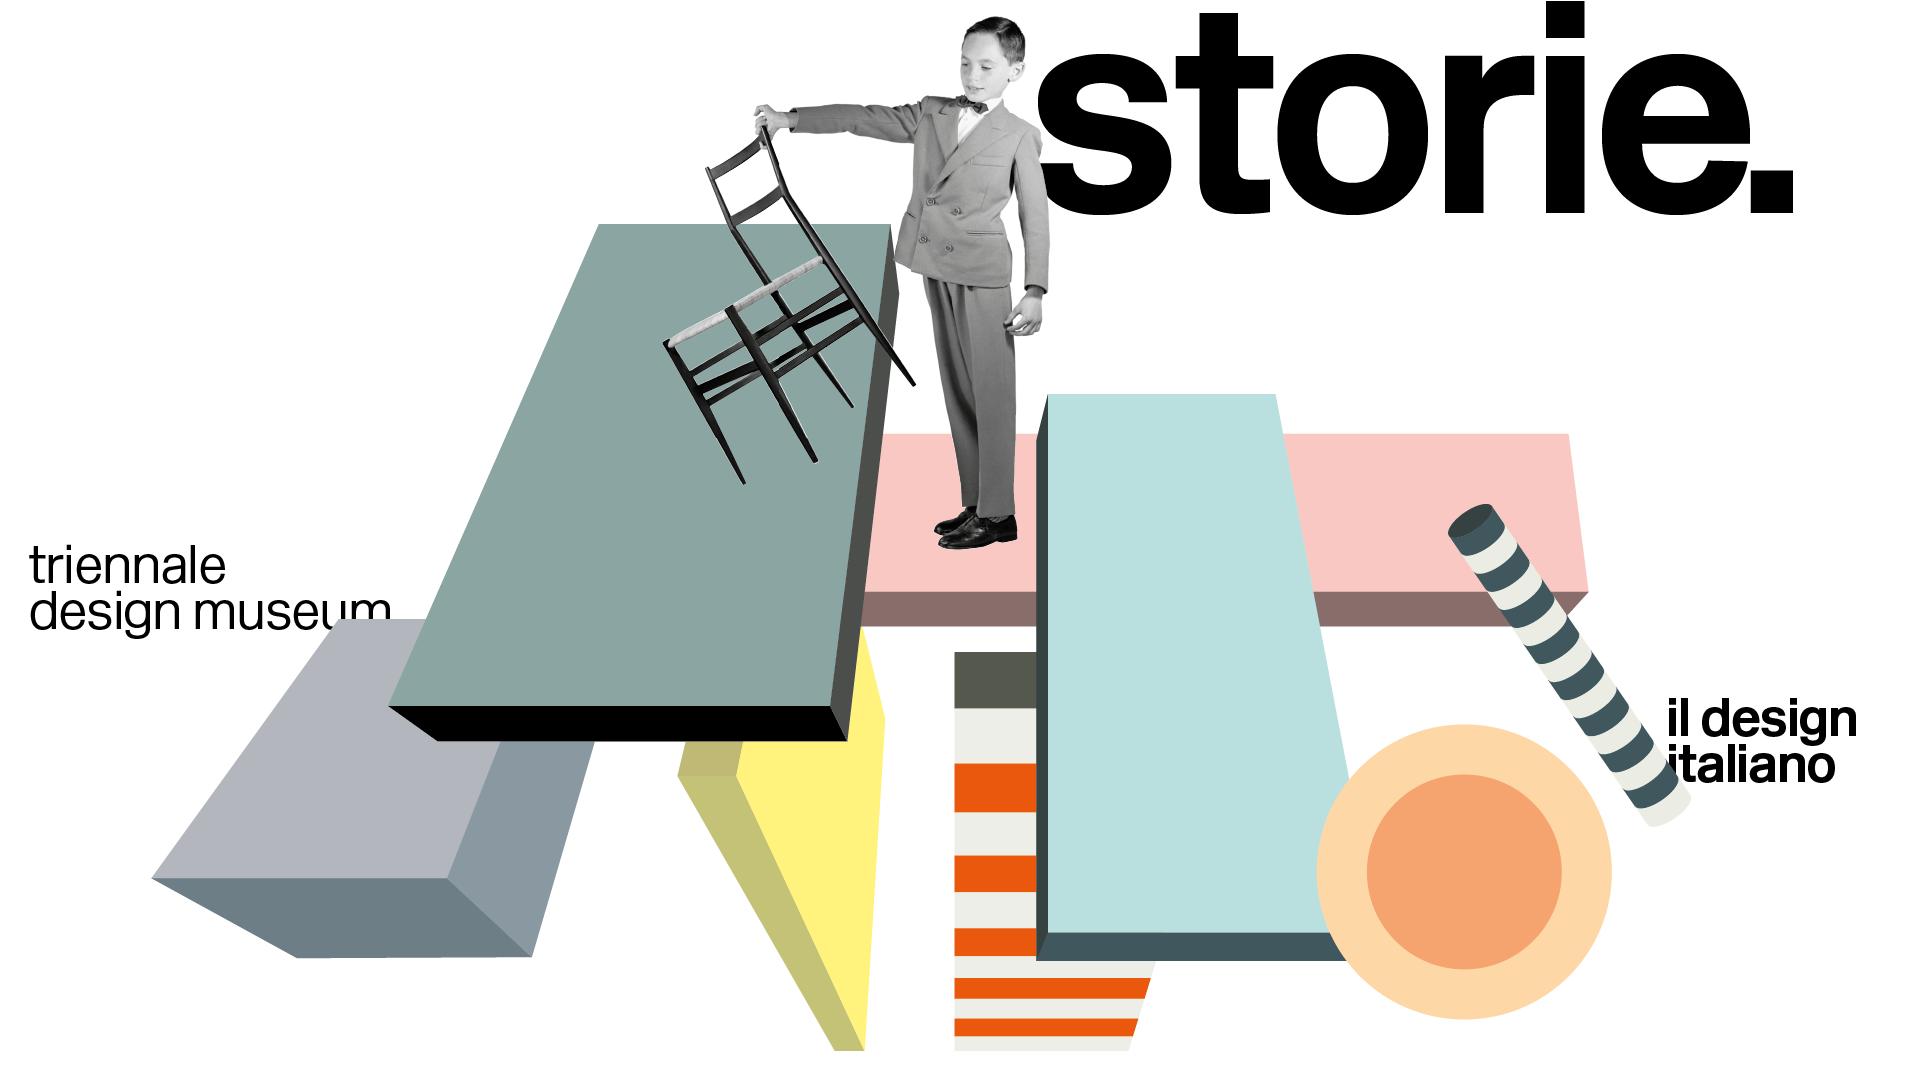 La triennale ci racconta le storie del design italiano for Design italiano